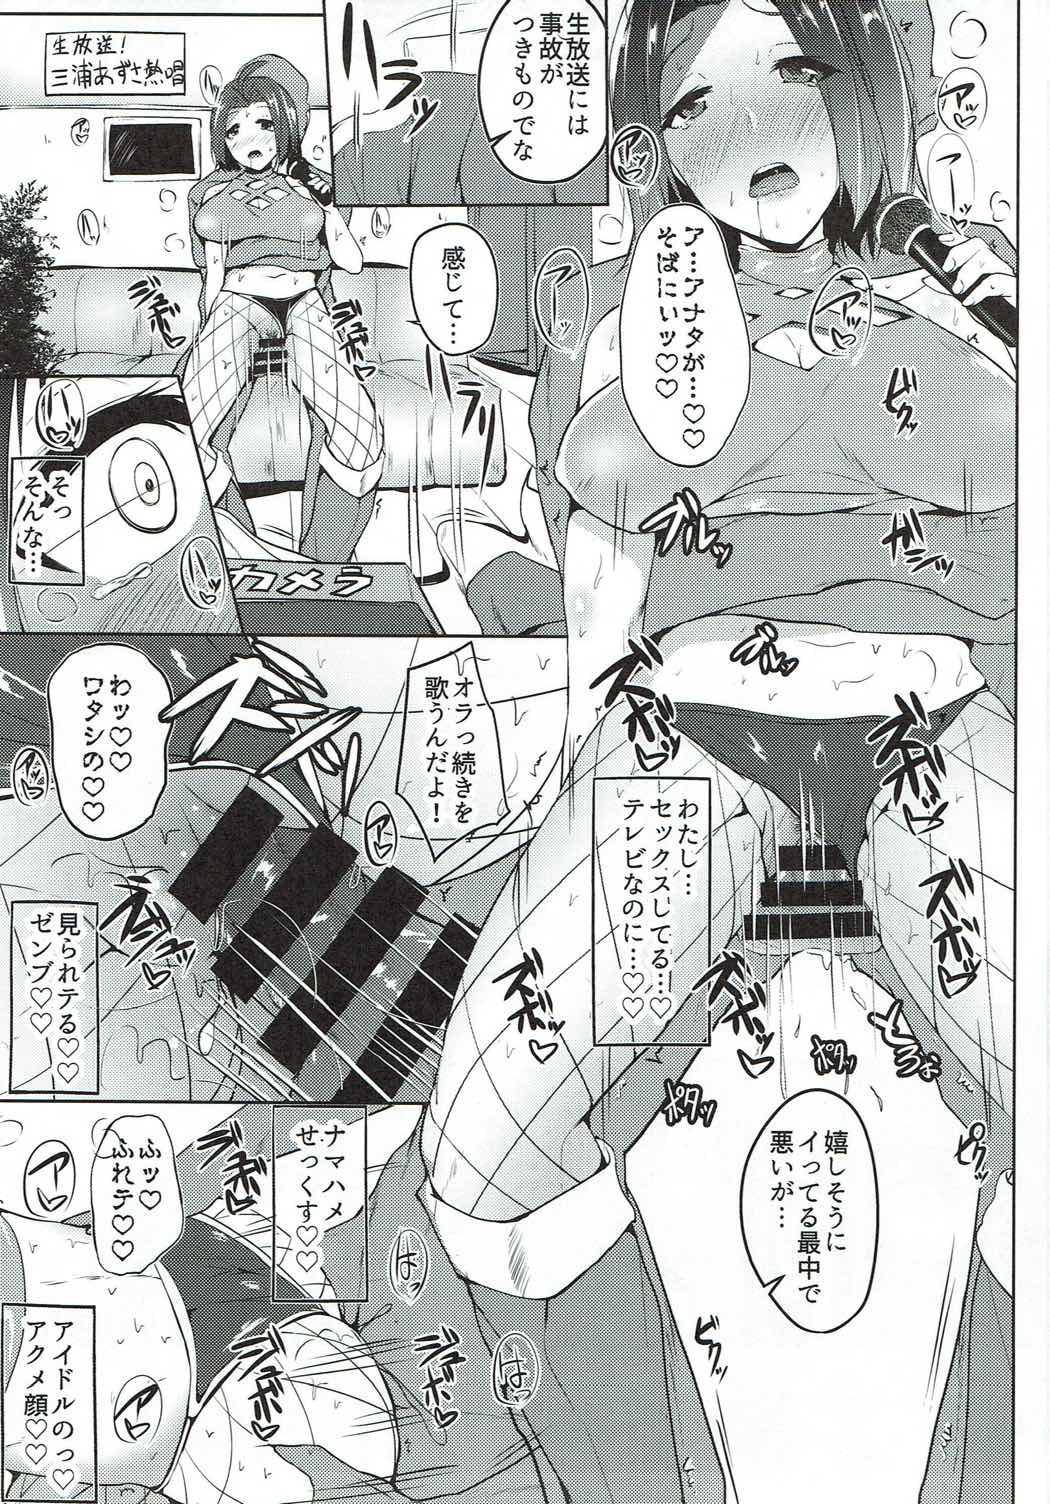 765 Pro Dosukebe Namahousou 24-jikan Televi Goudou 33